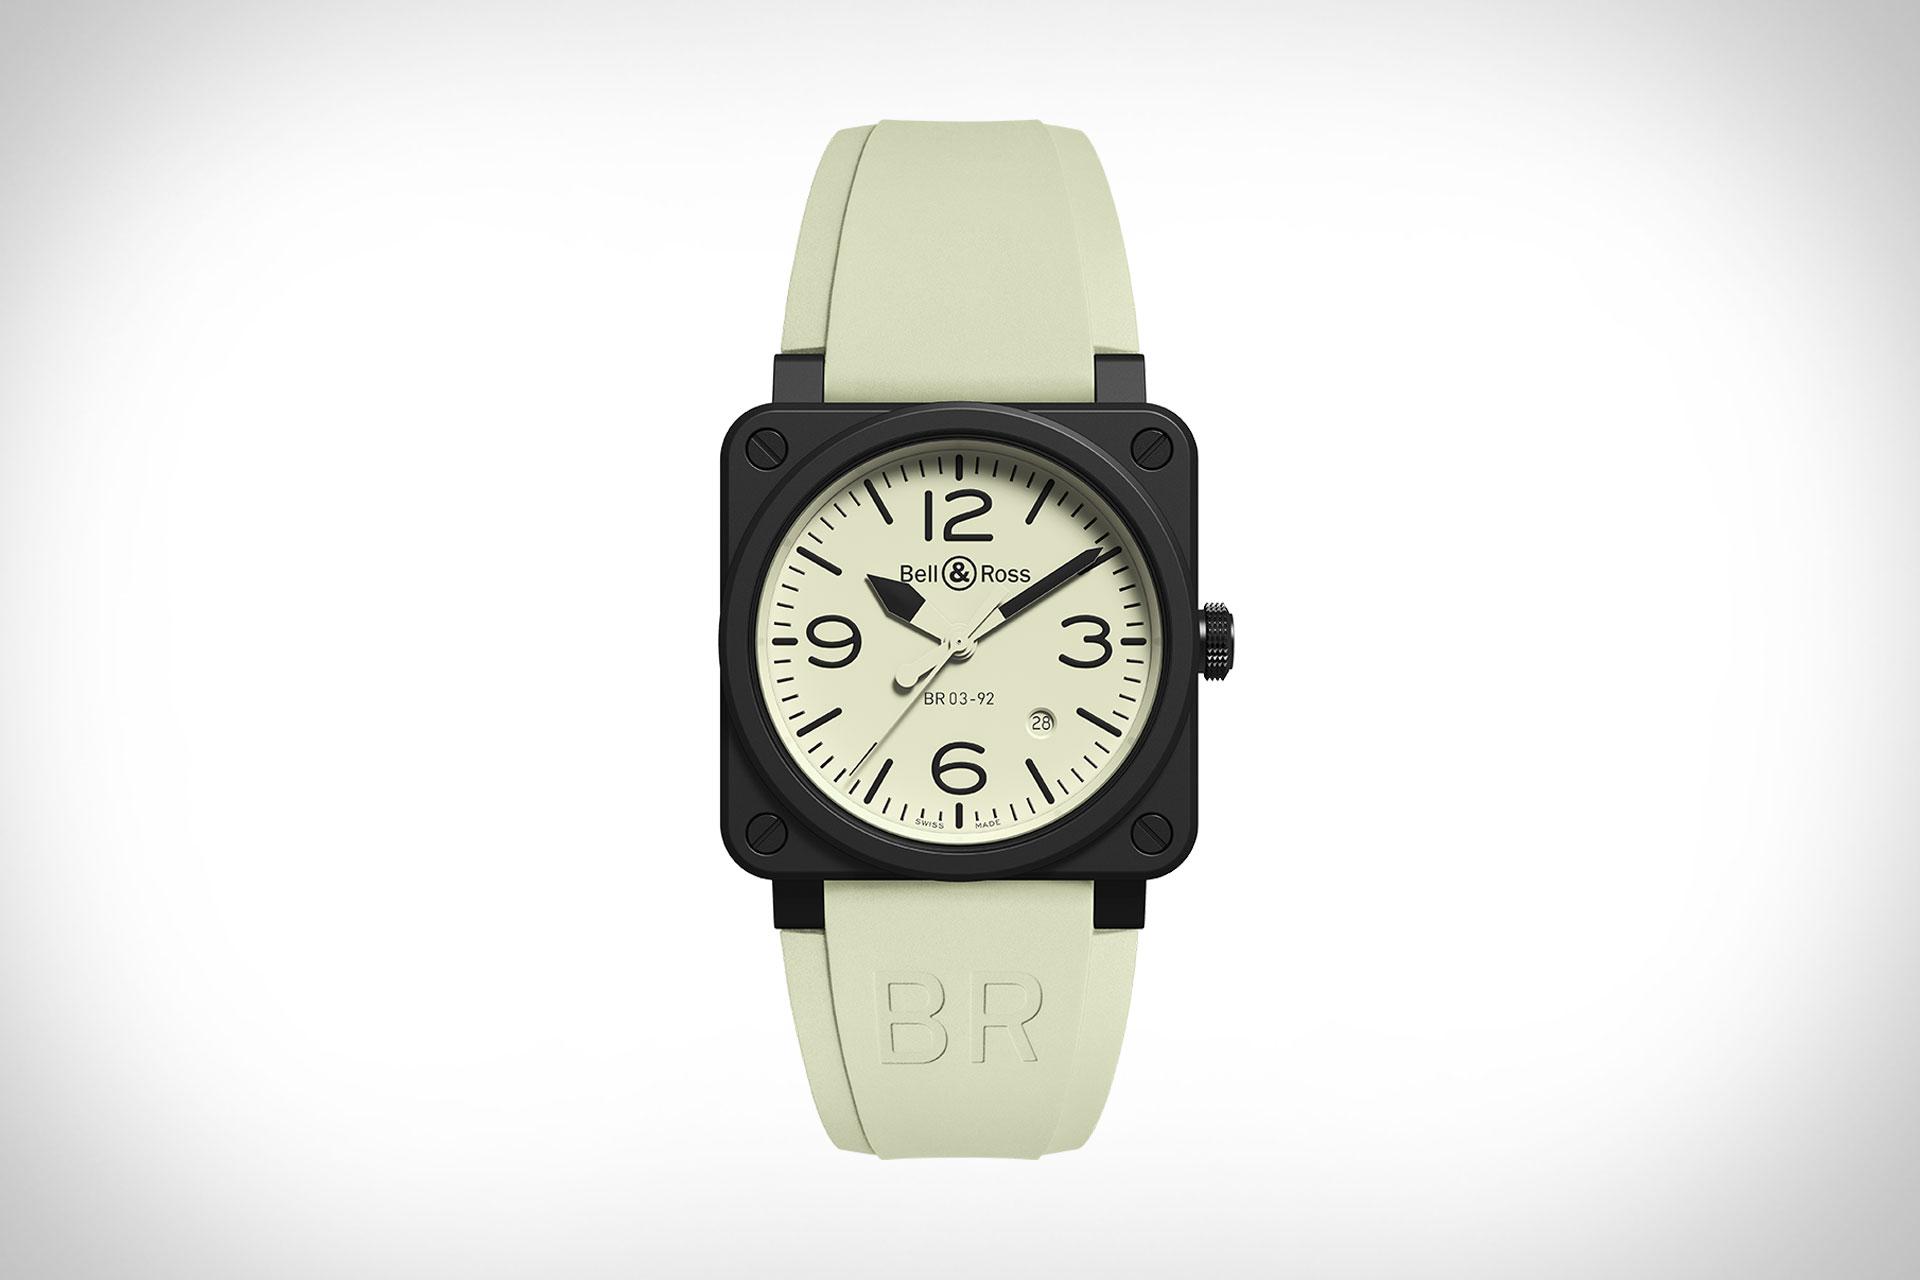 Bell & Ross BR 03-92 Full Lum Watch